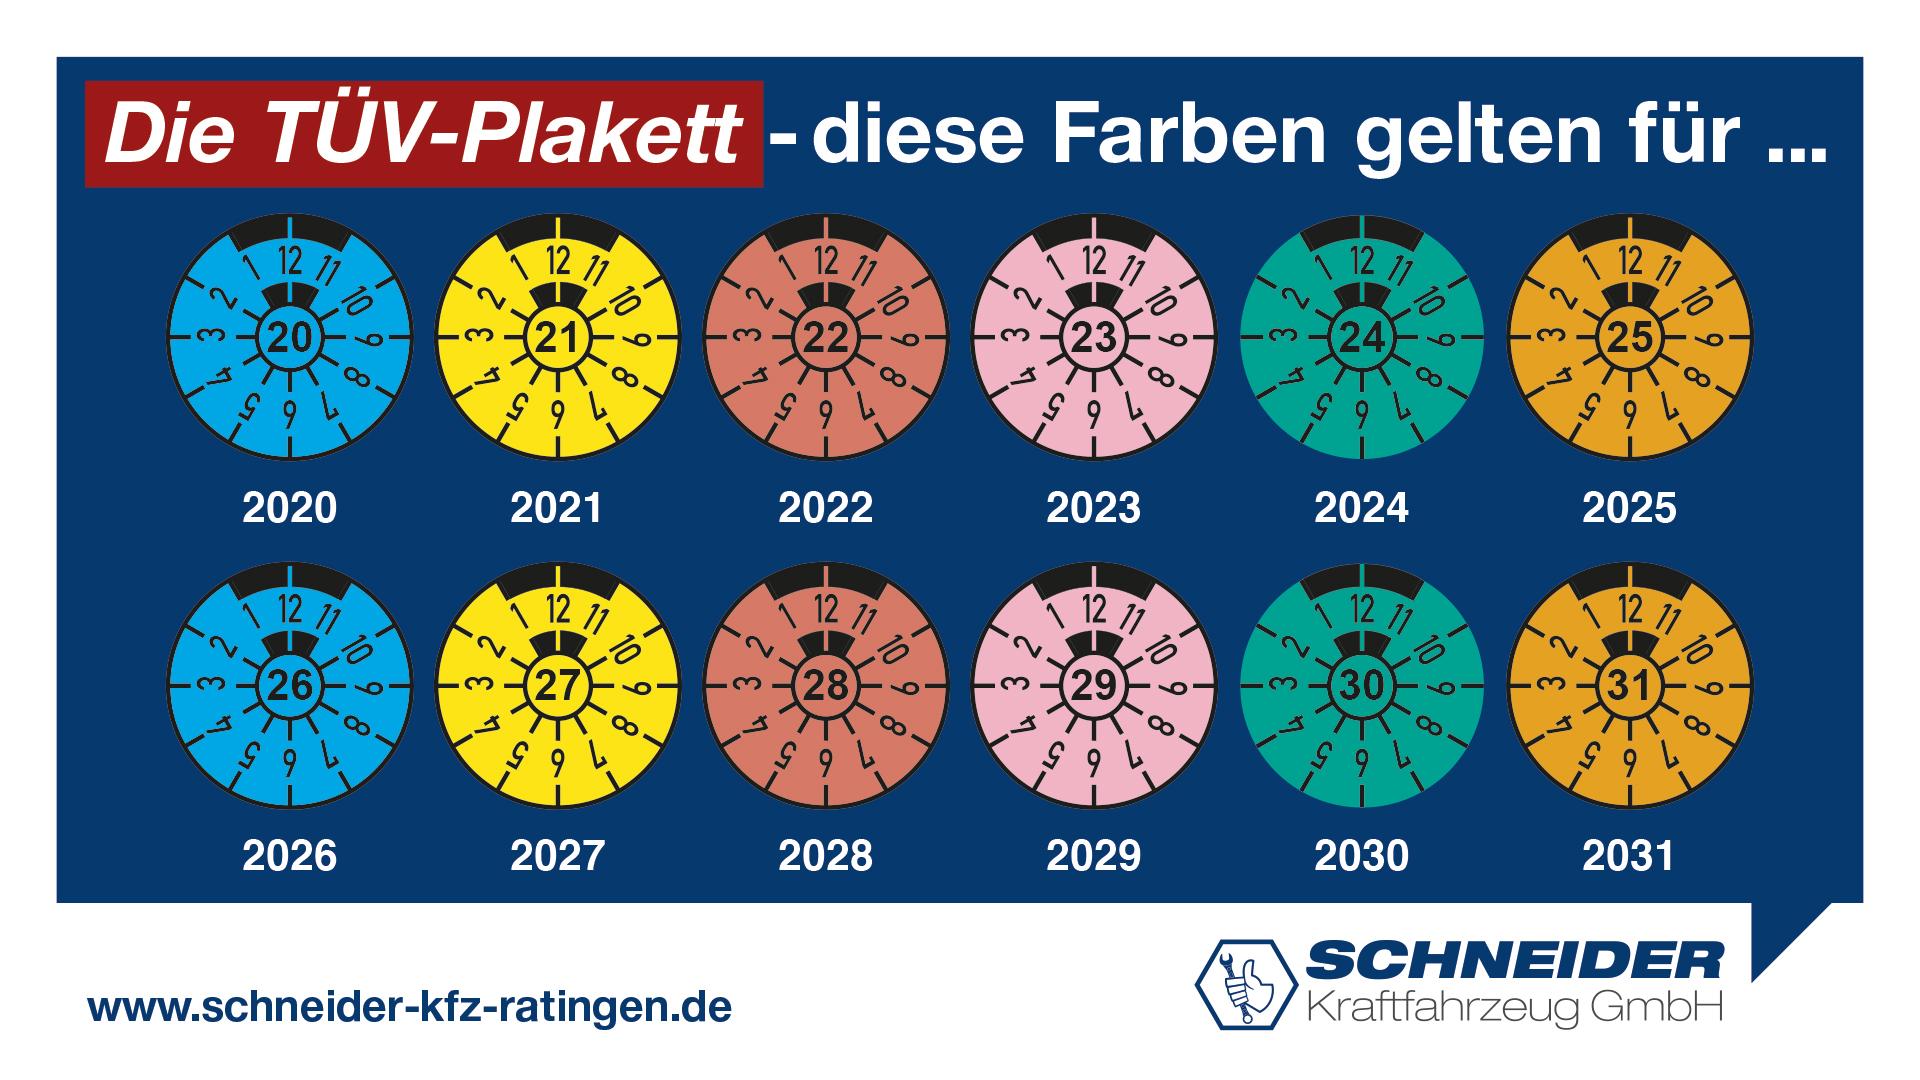 Schneider Kfz GmbH - TÜV